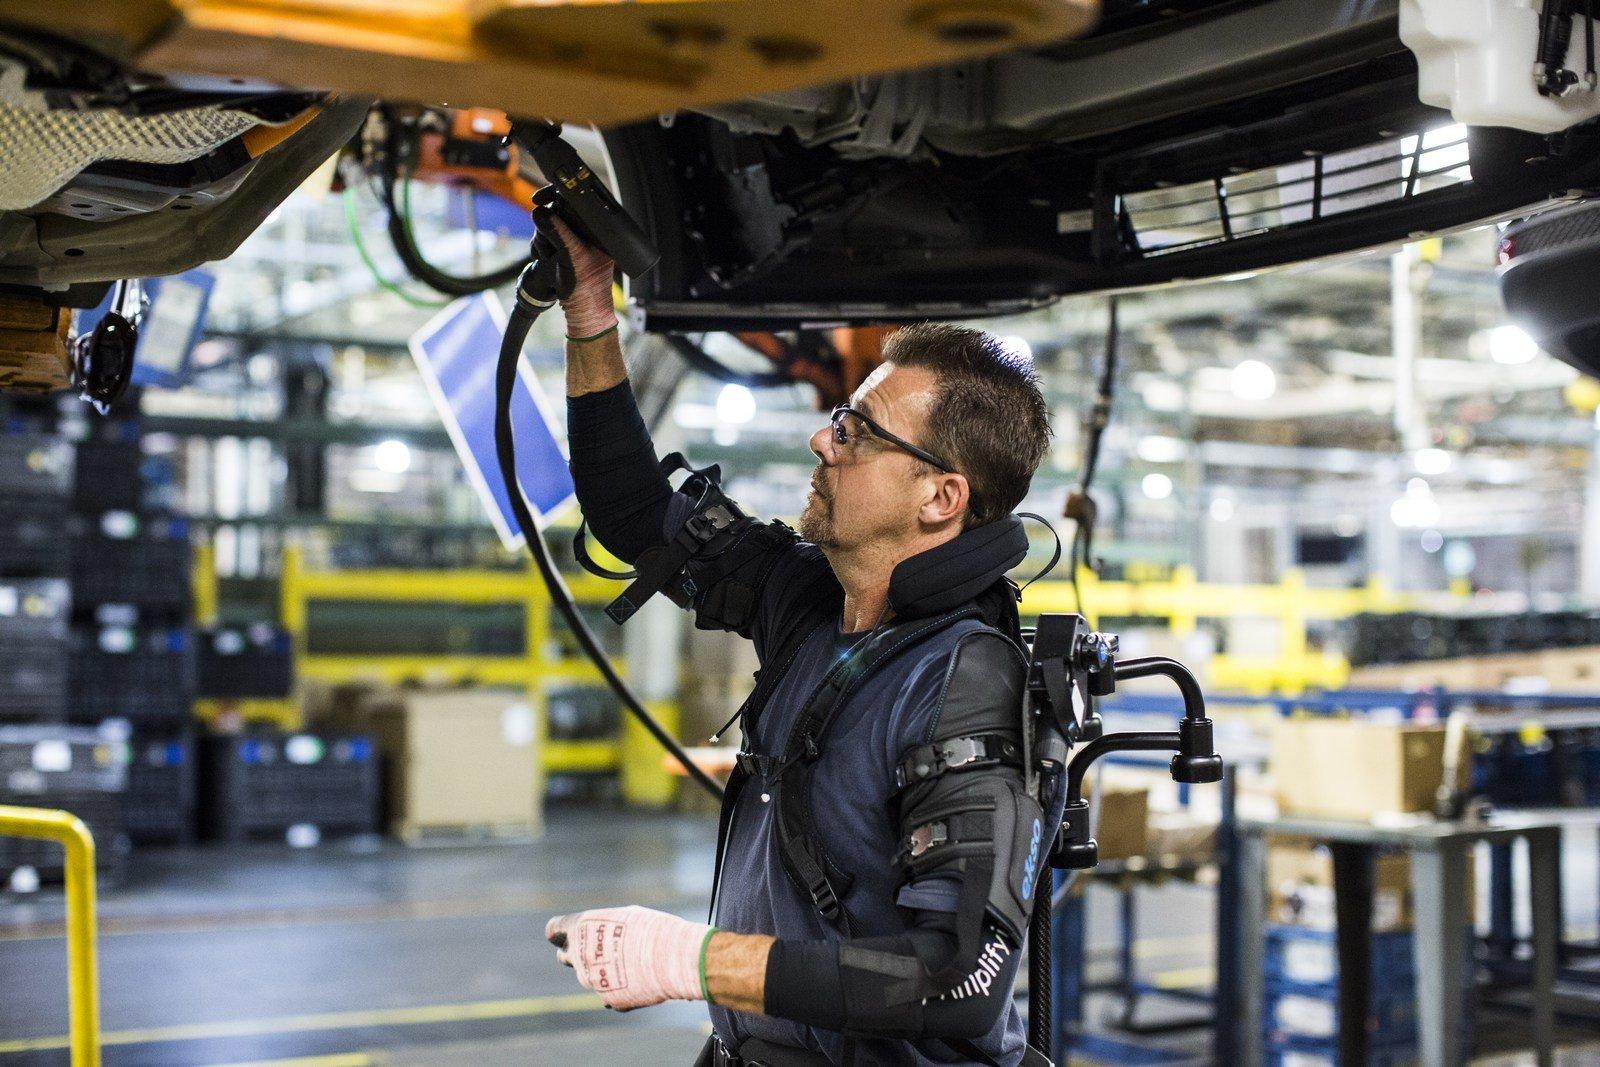 Někteří zaměstnanci Fordu začínají používat speciální exoskeleton EksoVest